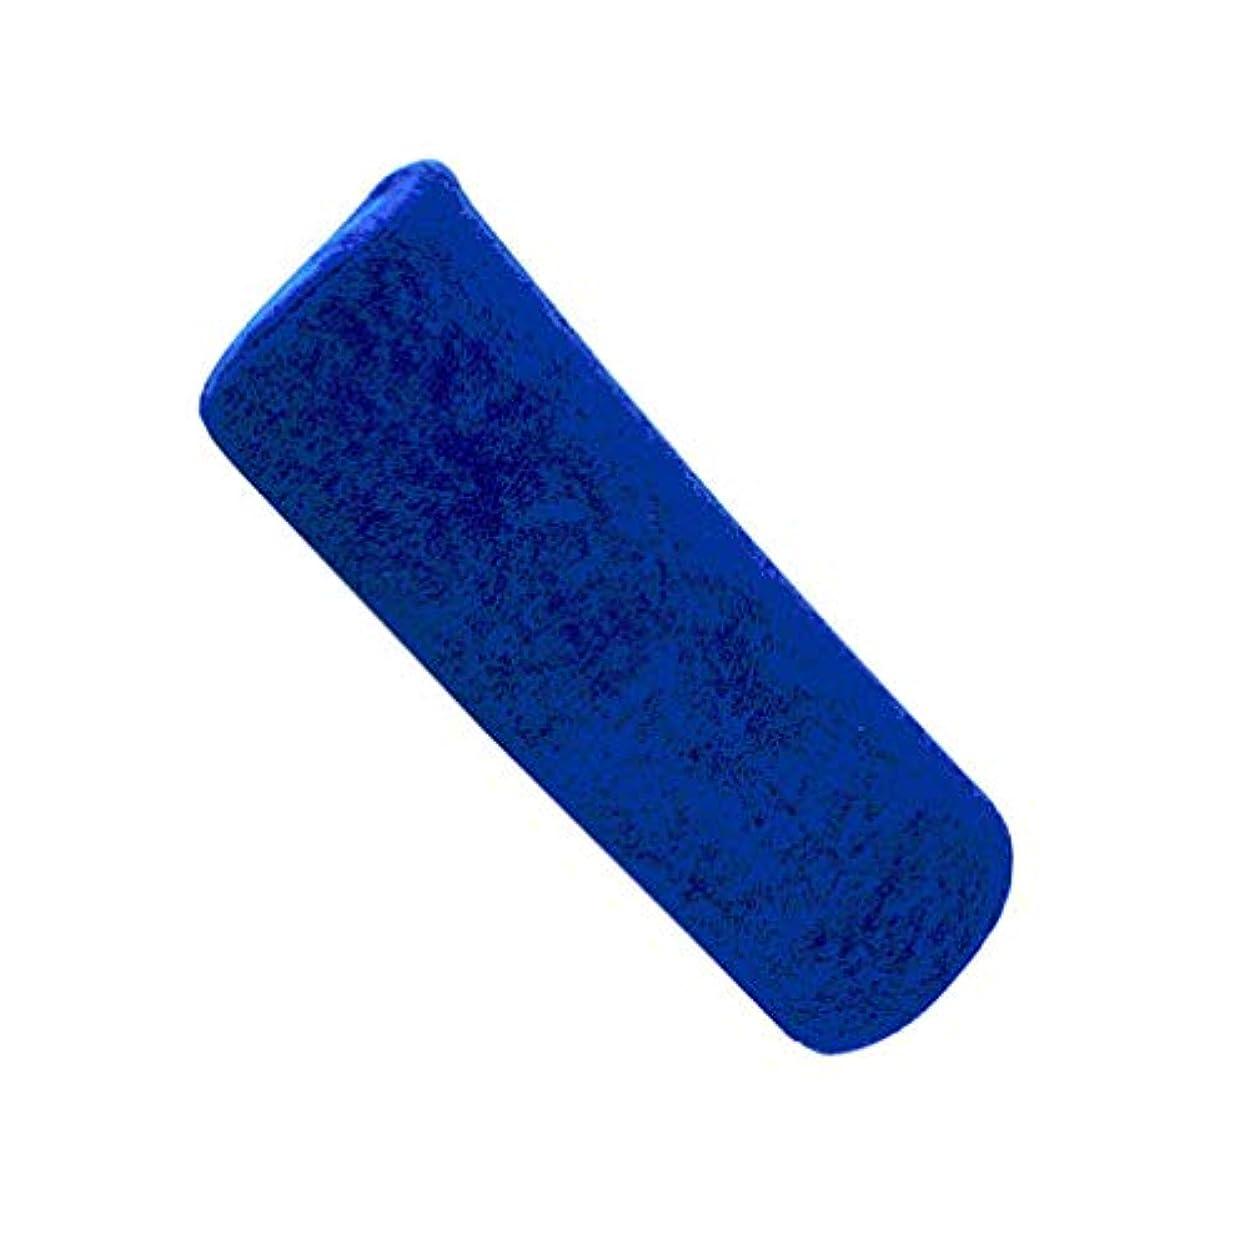 エンドウパネルでも1st market プレミアムマニキュアショップソフトハンドレストクッション枕ネイルアートデザインマニキュアケアトリートメントサロンツールロイヤルブルー